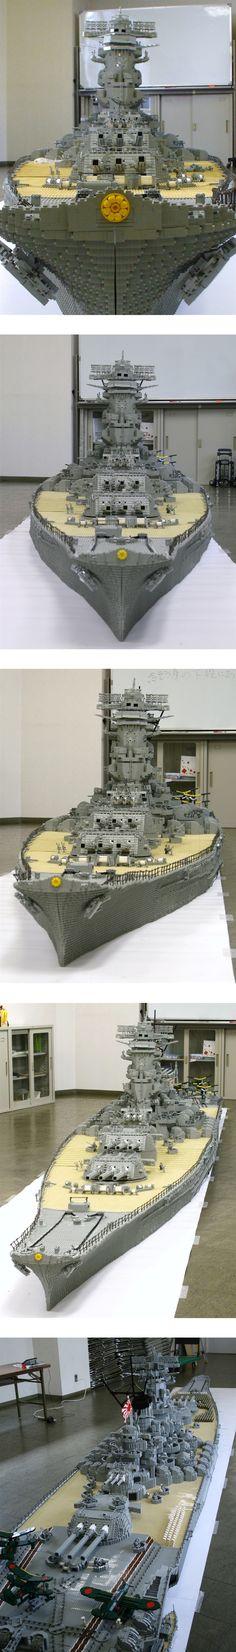 Project YAMATO, WWII Japan Battleship